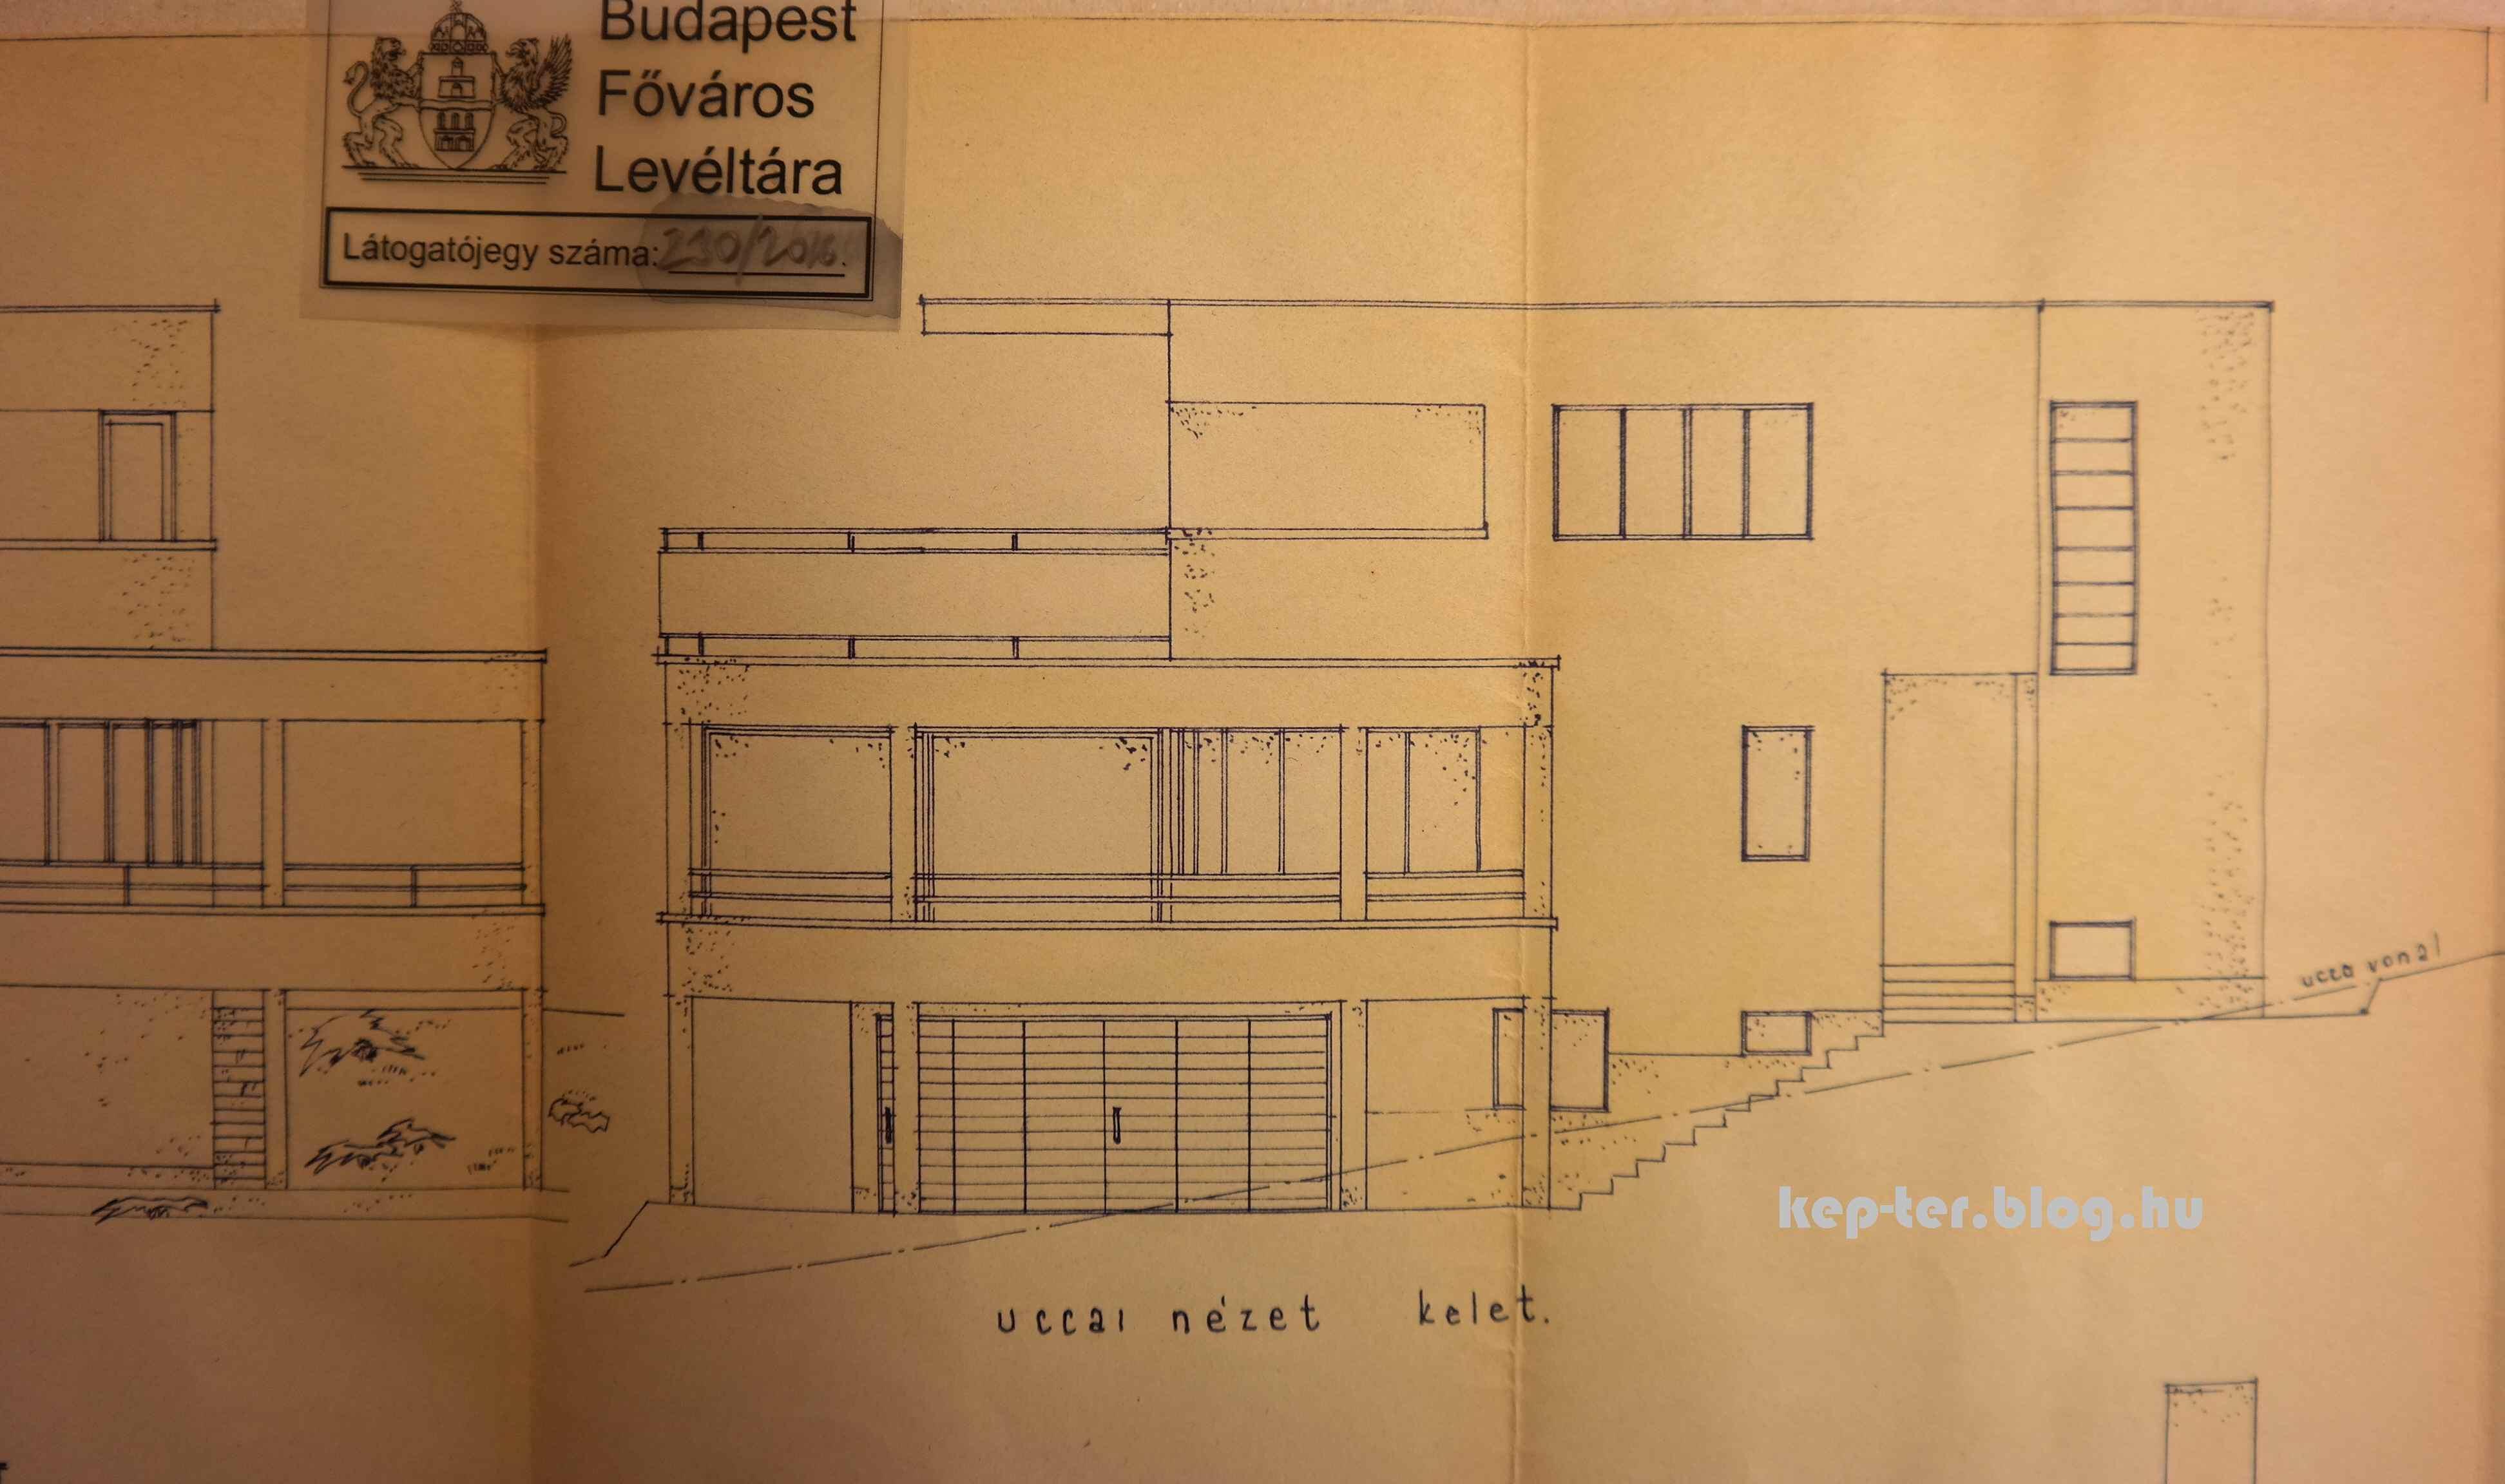 A módosított terveket 1943. január 20-án írta alá Fischer. Forrás: Budapest Főváros Levéltára.